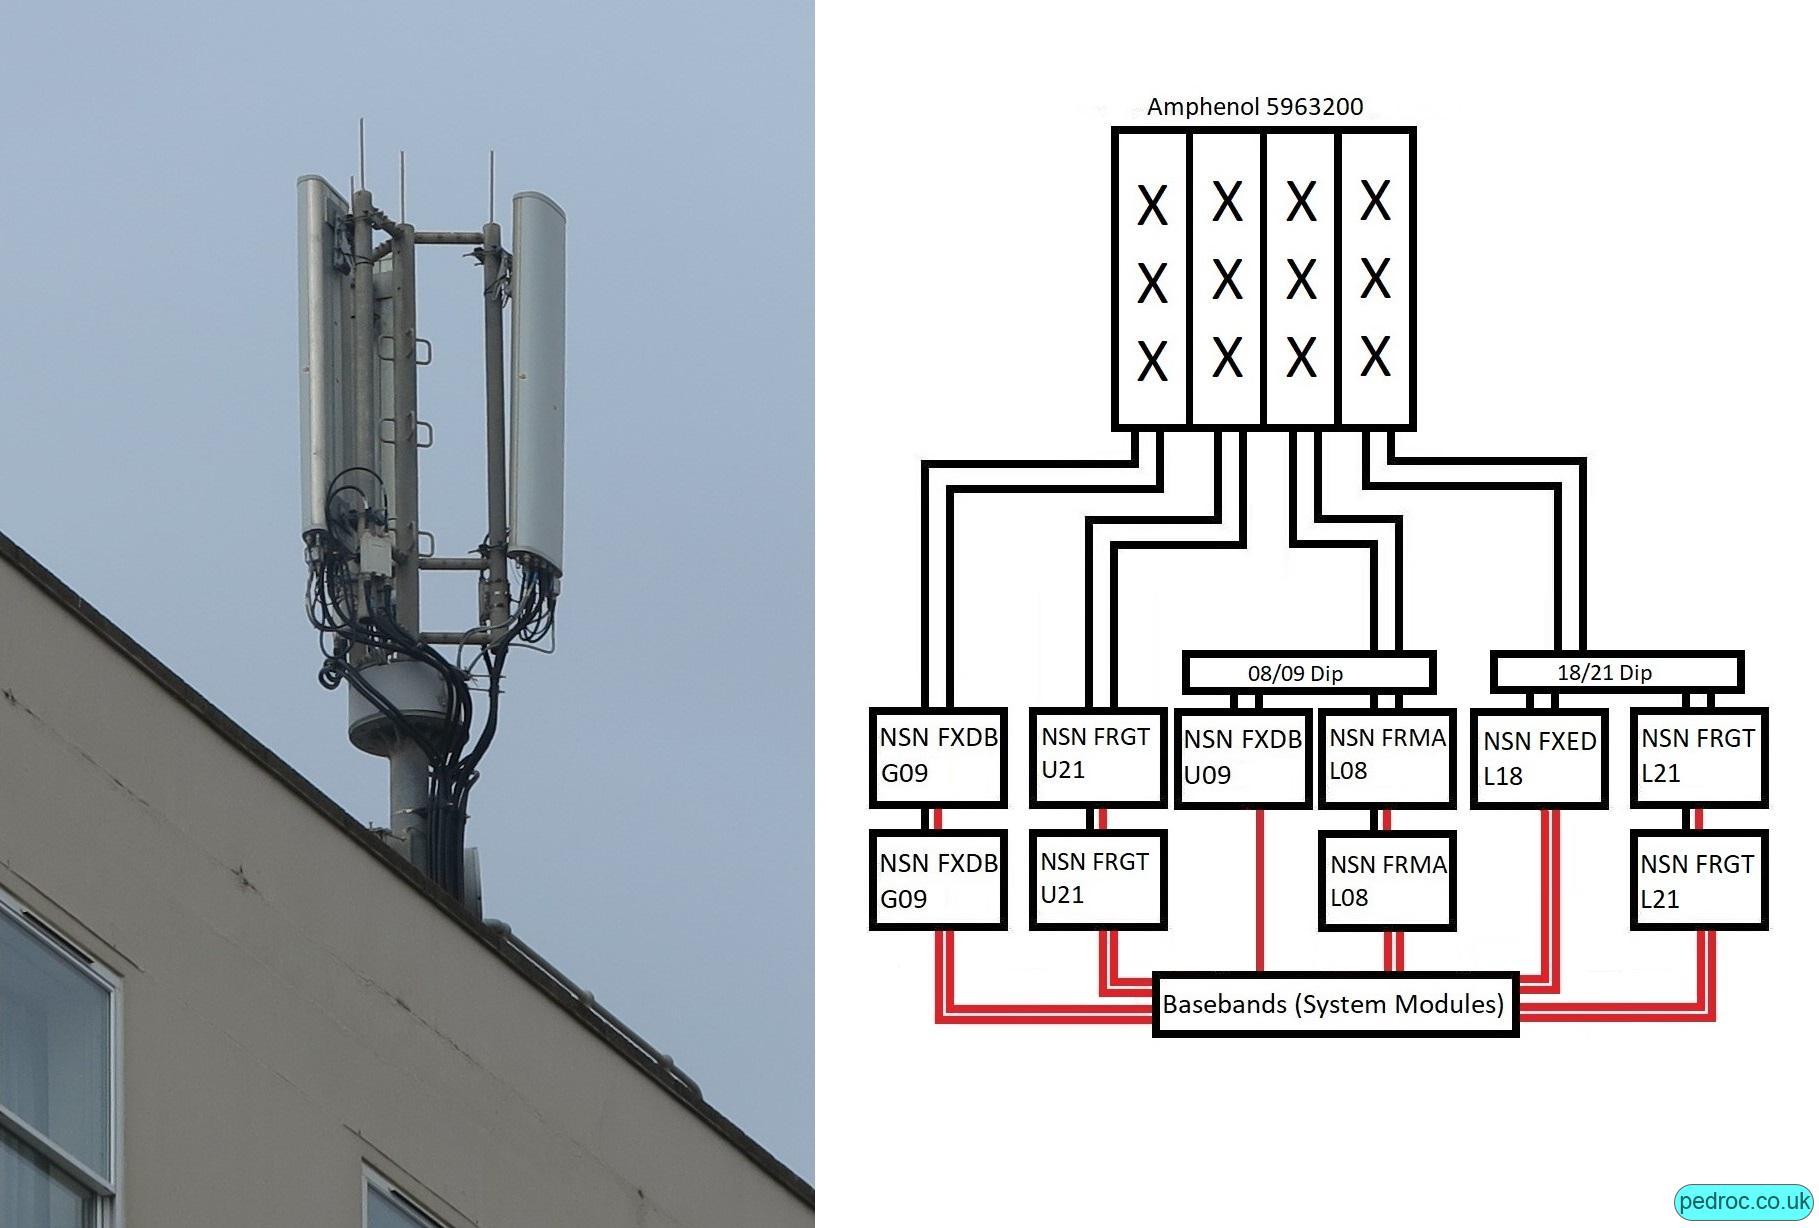 O2 Nokia Medium Capacity site with Nokia FRGT, FXDB, FXED. FRMA, Amphenol antennas.